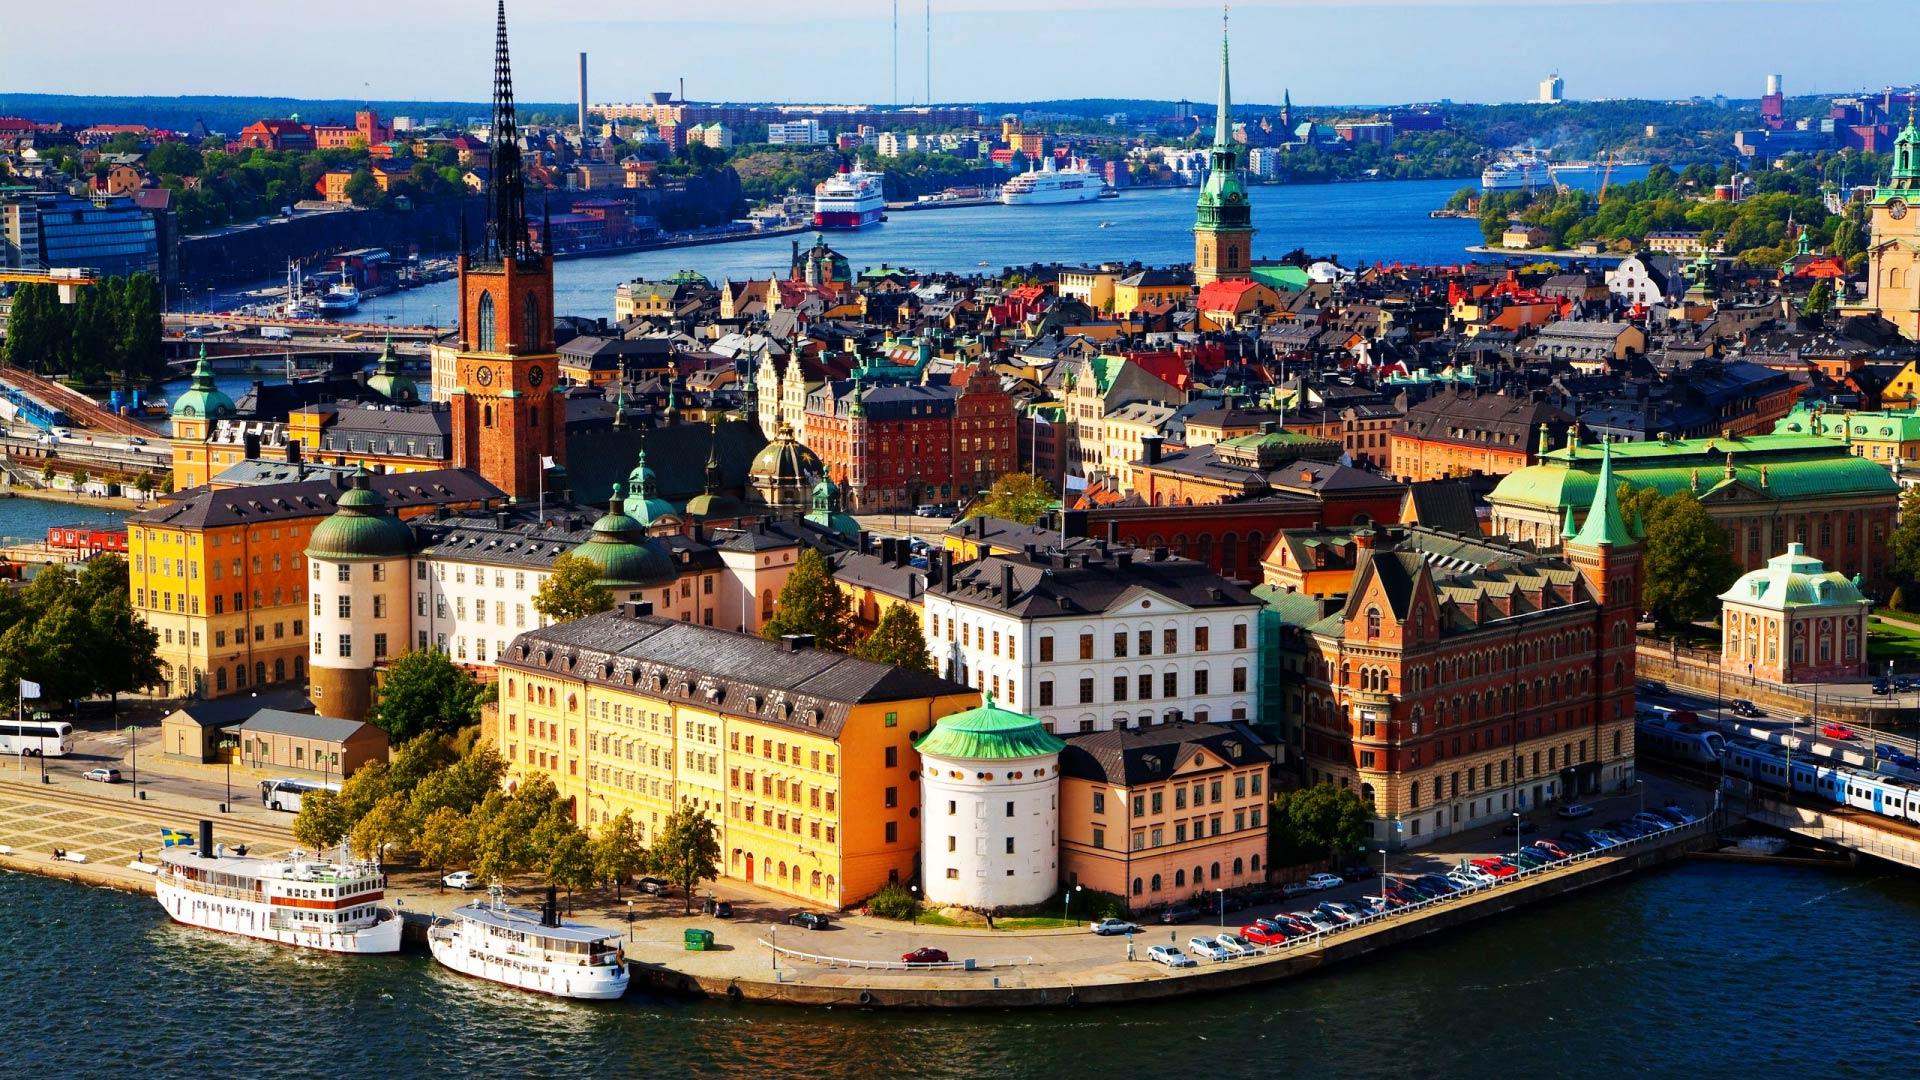 Хельсинки - что посмотреть?